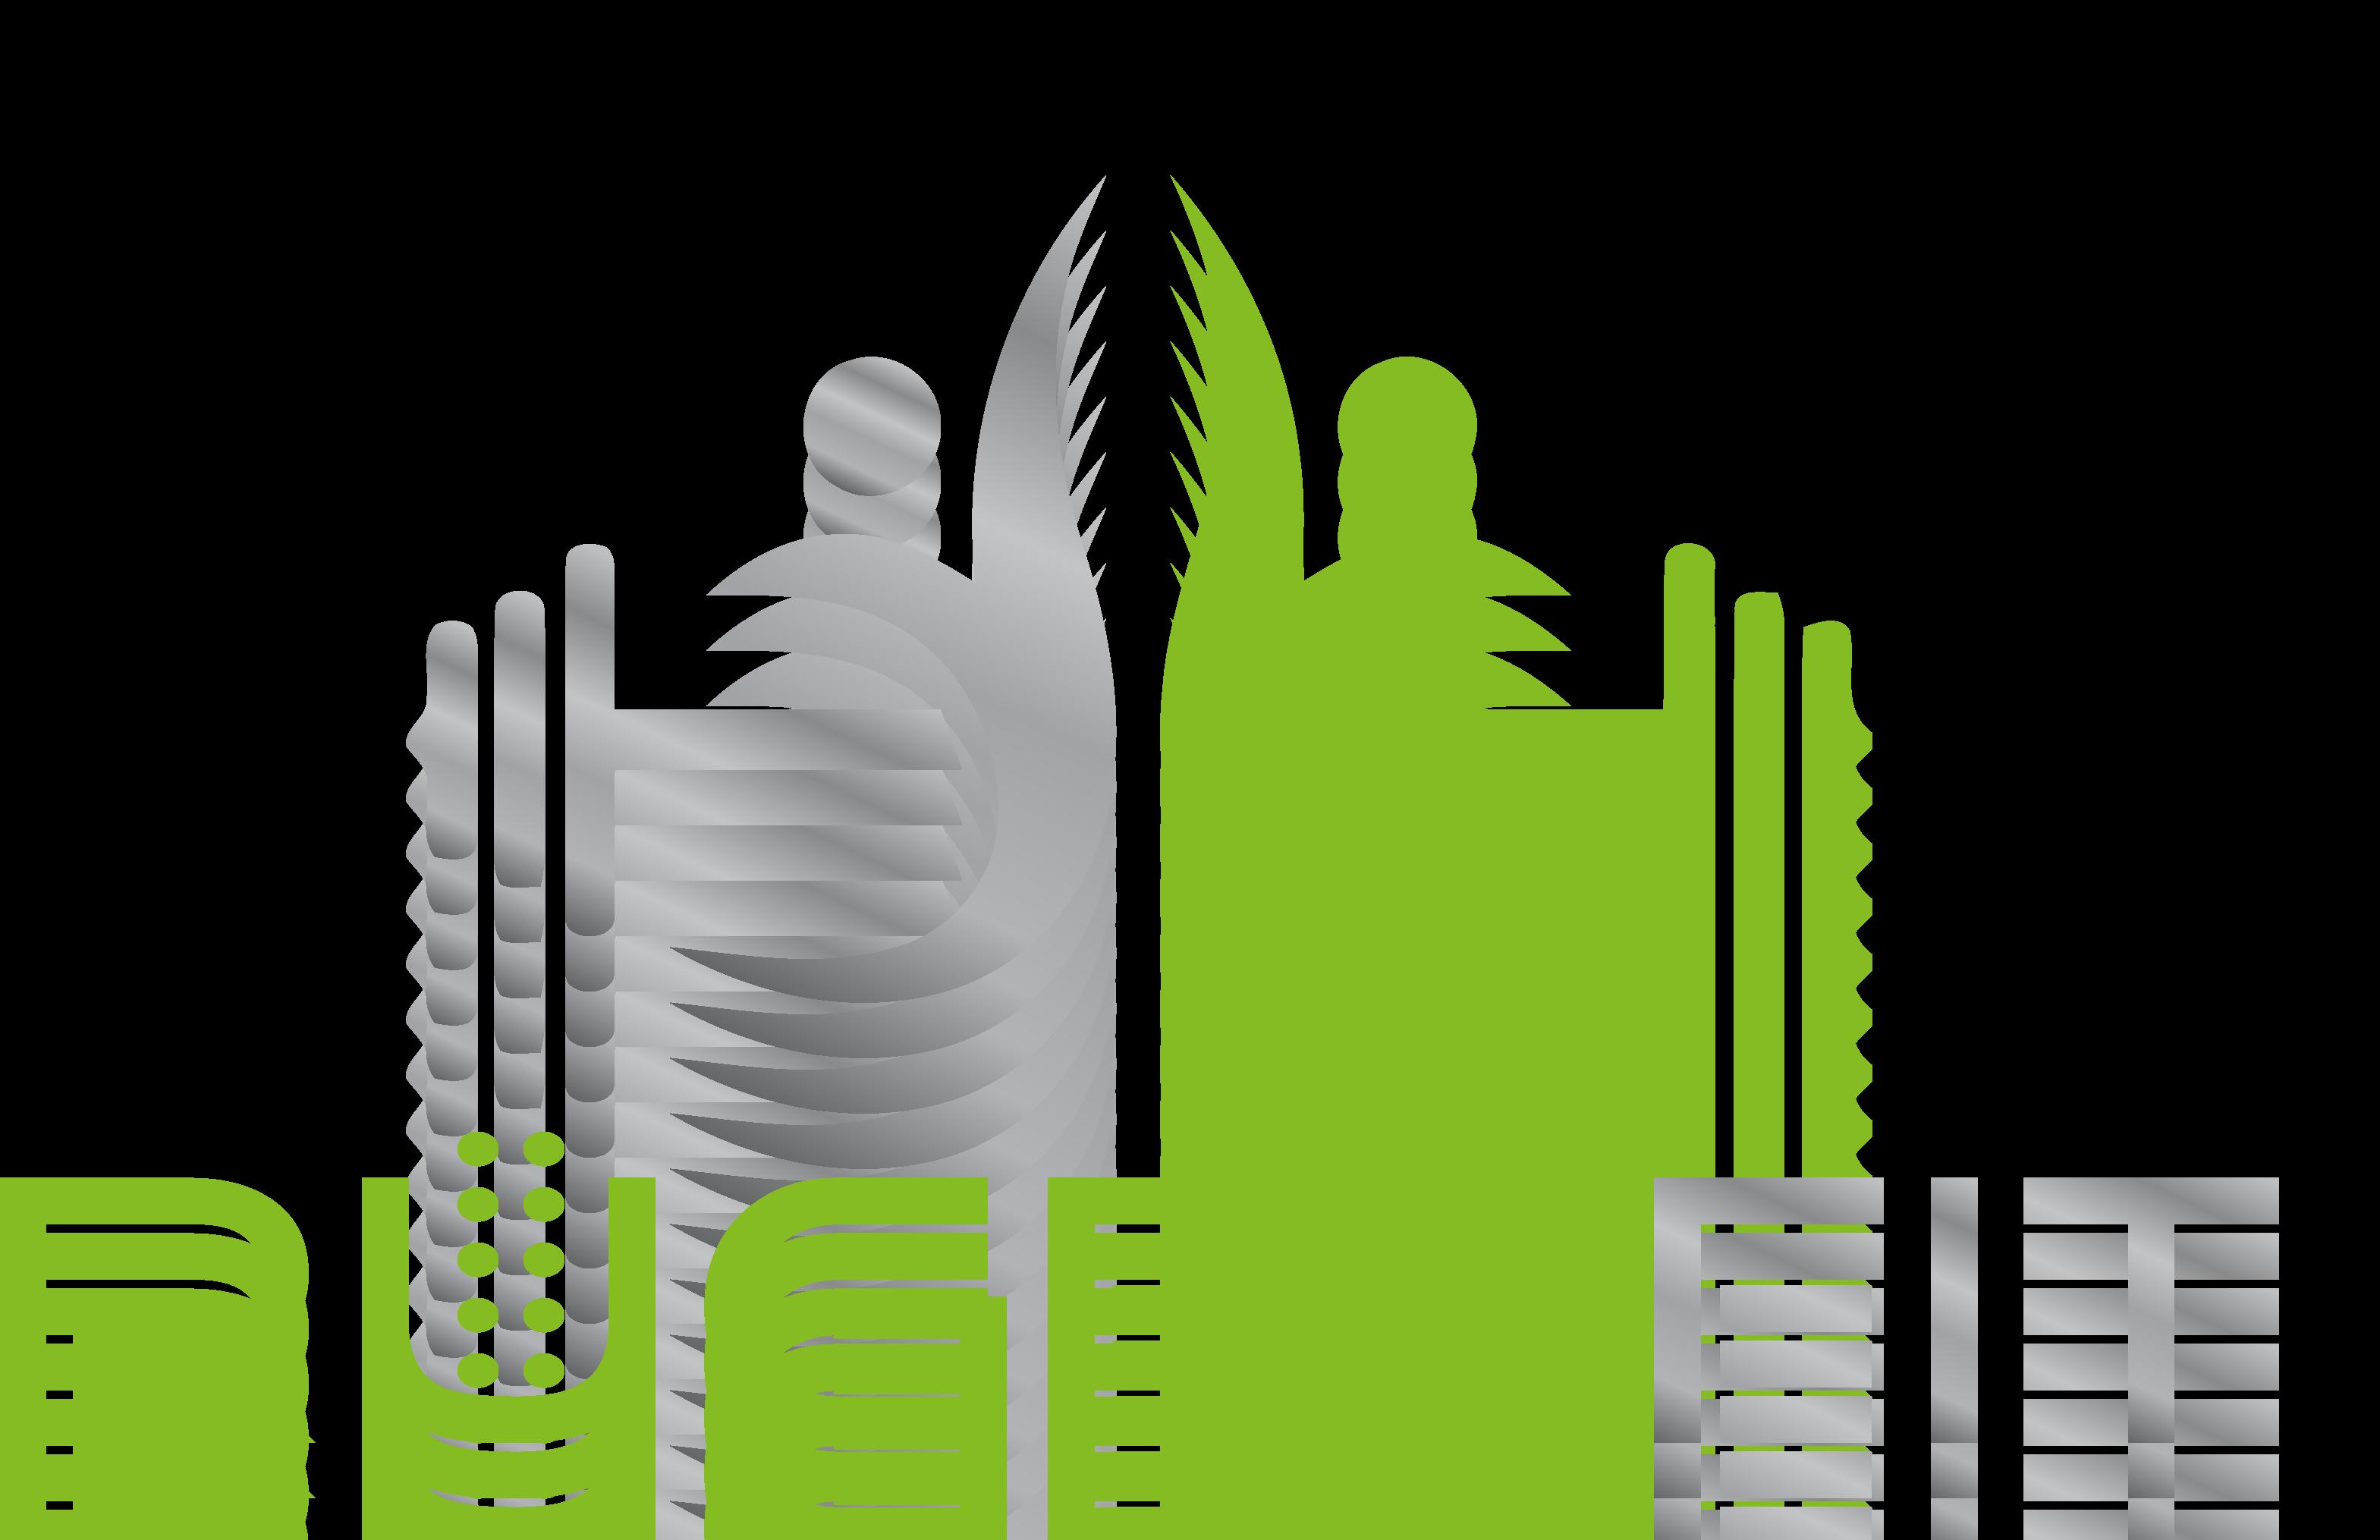 Dein Gesundheits- und Fitnessclub